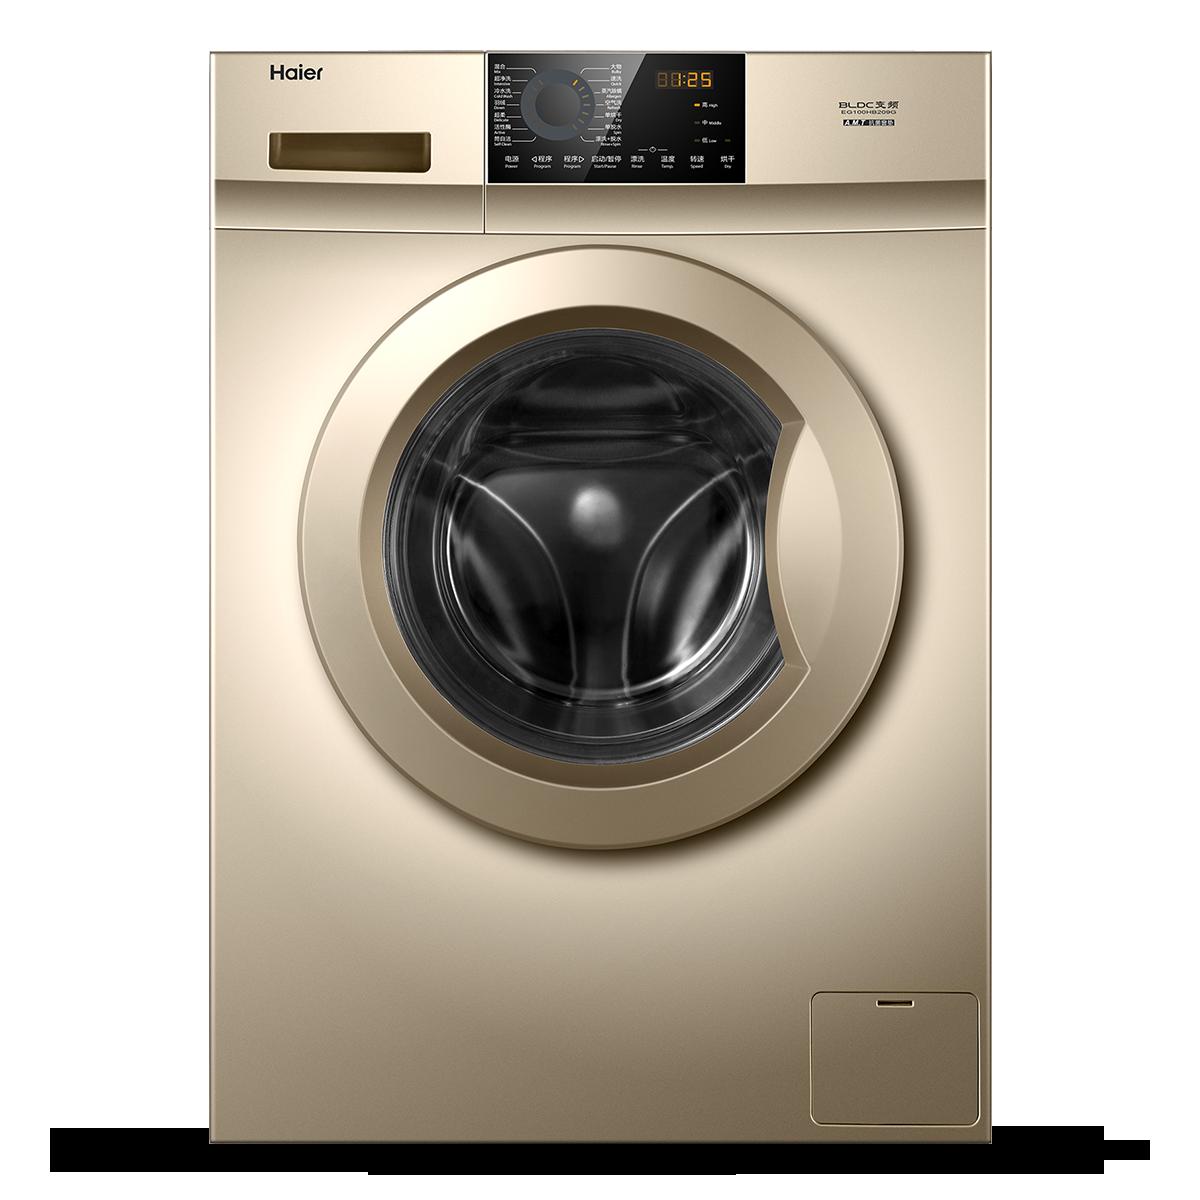 海尔Haier洗衣机 EG100HB209G 说明书